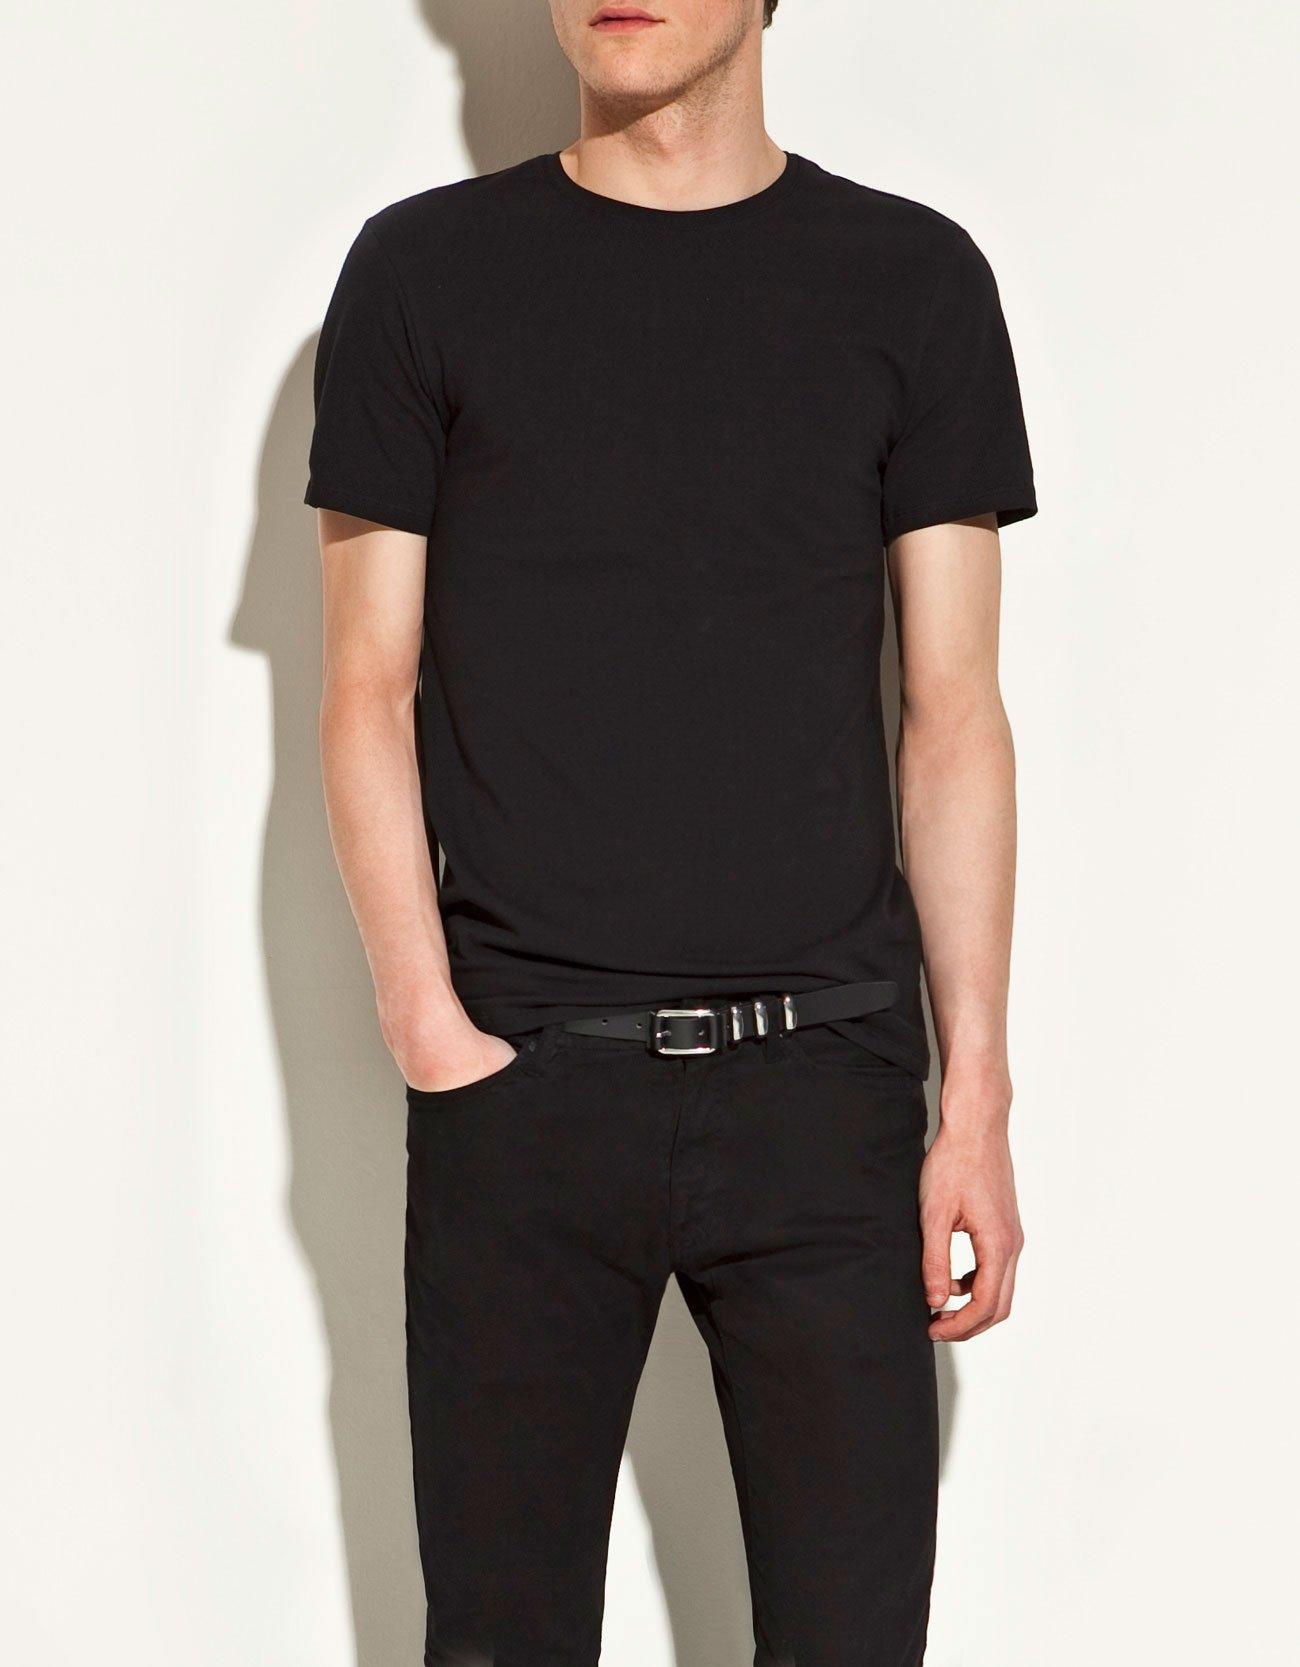 zara slim fit t shirt in black for men lyst. Black Bedroom Furniture Sets. Home Design Ideas